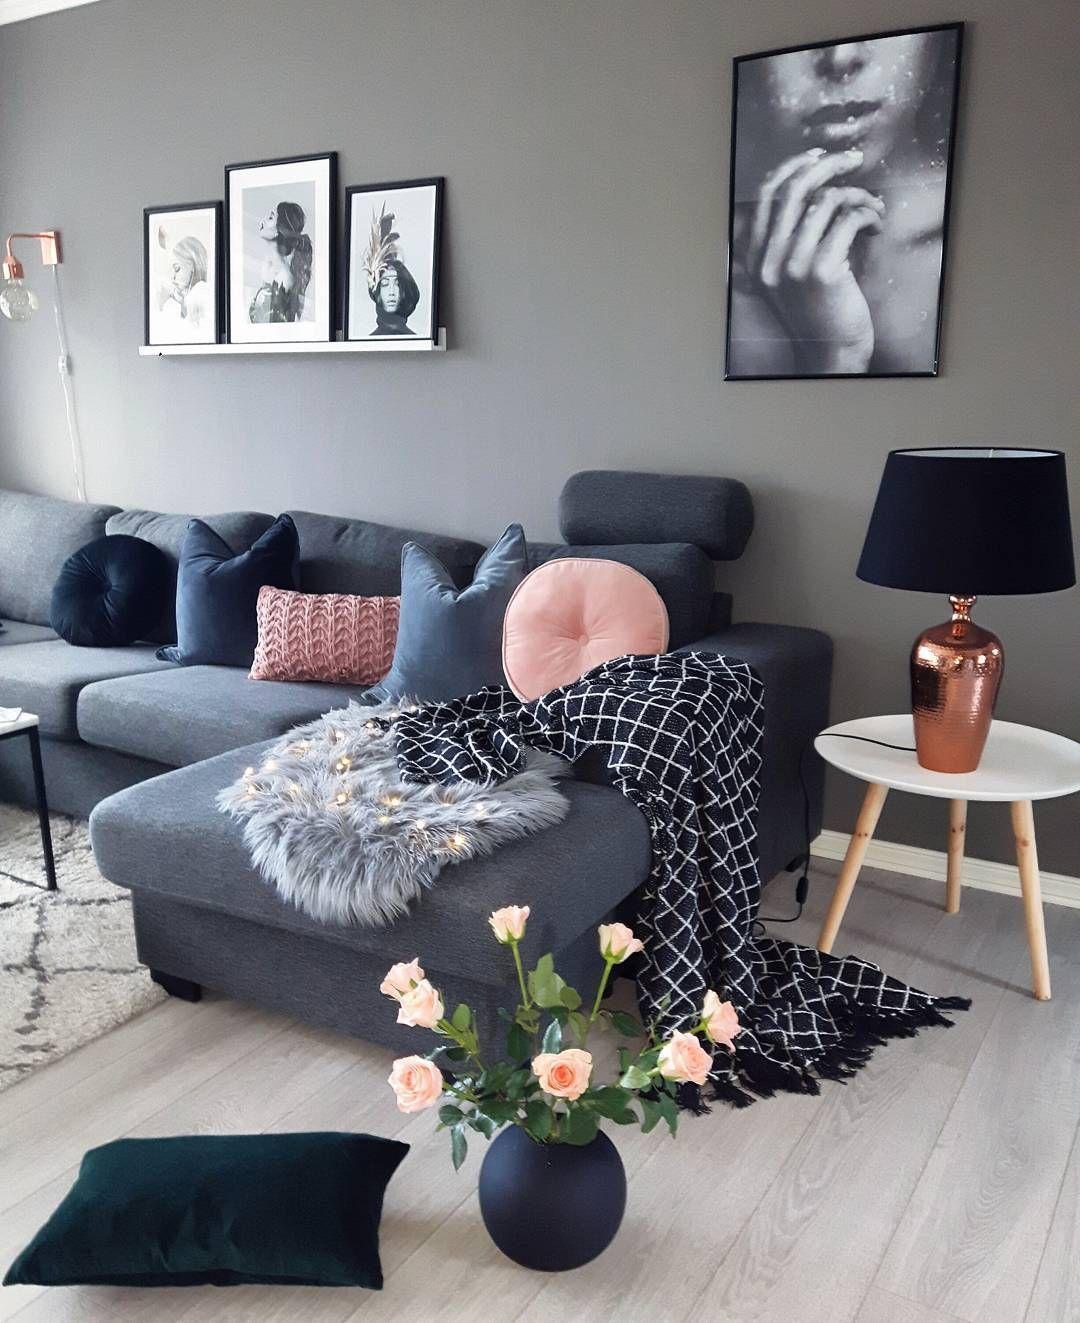 canapé gris et mur gris clair | Places to Live en 2019 ...